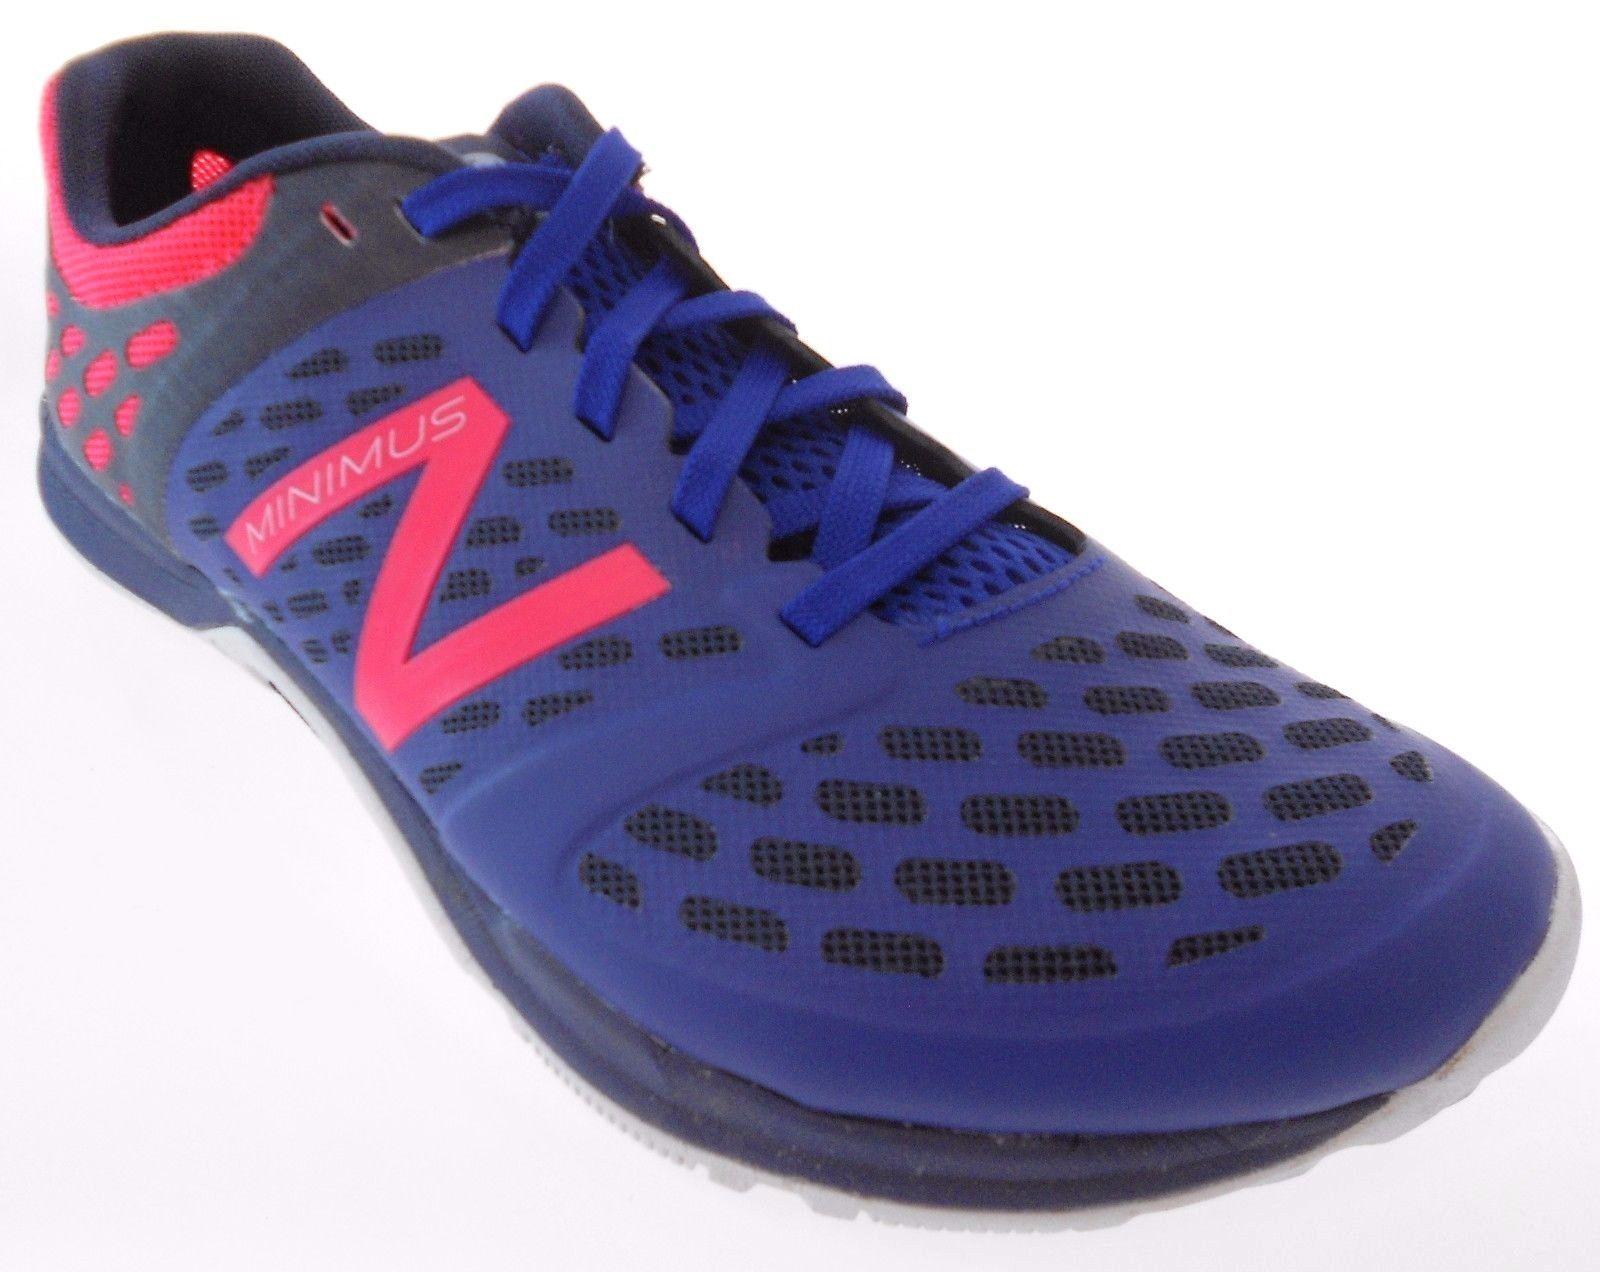 New balance WX20BB4 Mujer 20v4 Minimus Vibram Suela Zapatos De De De Entrenamiento Cruzado Talla 5  Descuento del 70% barato